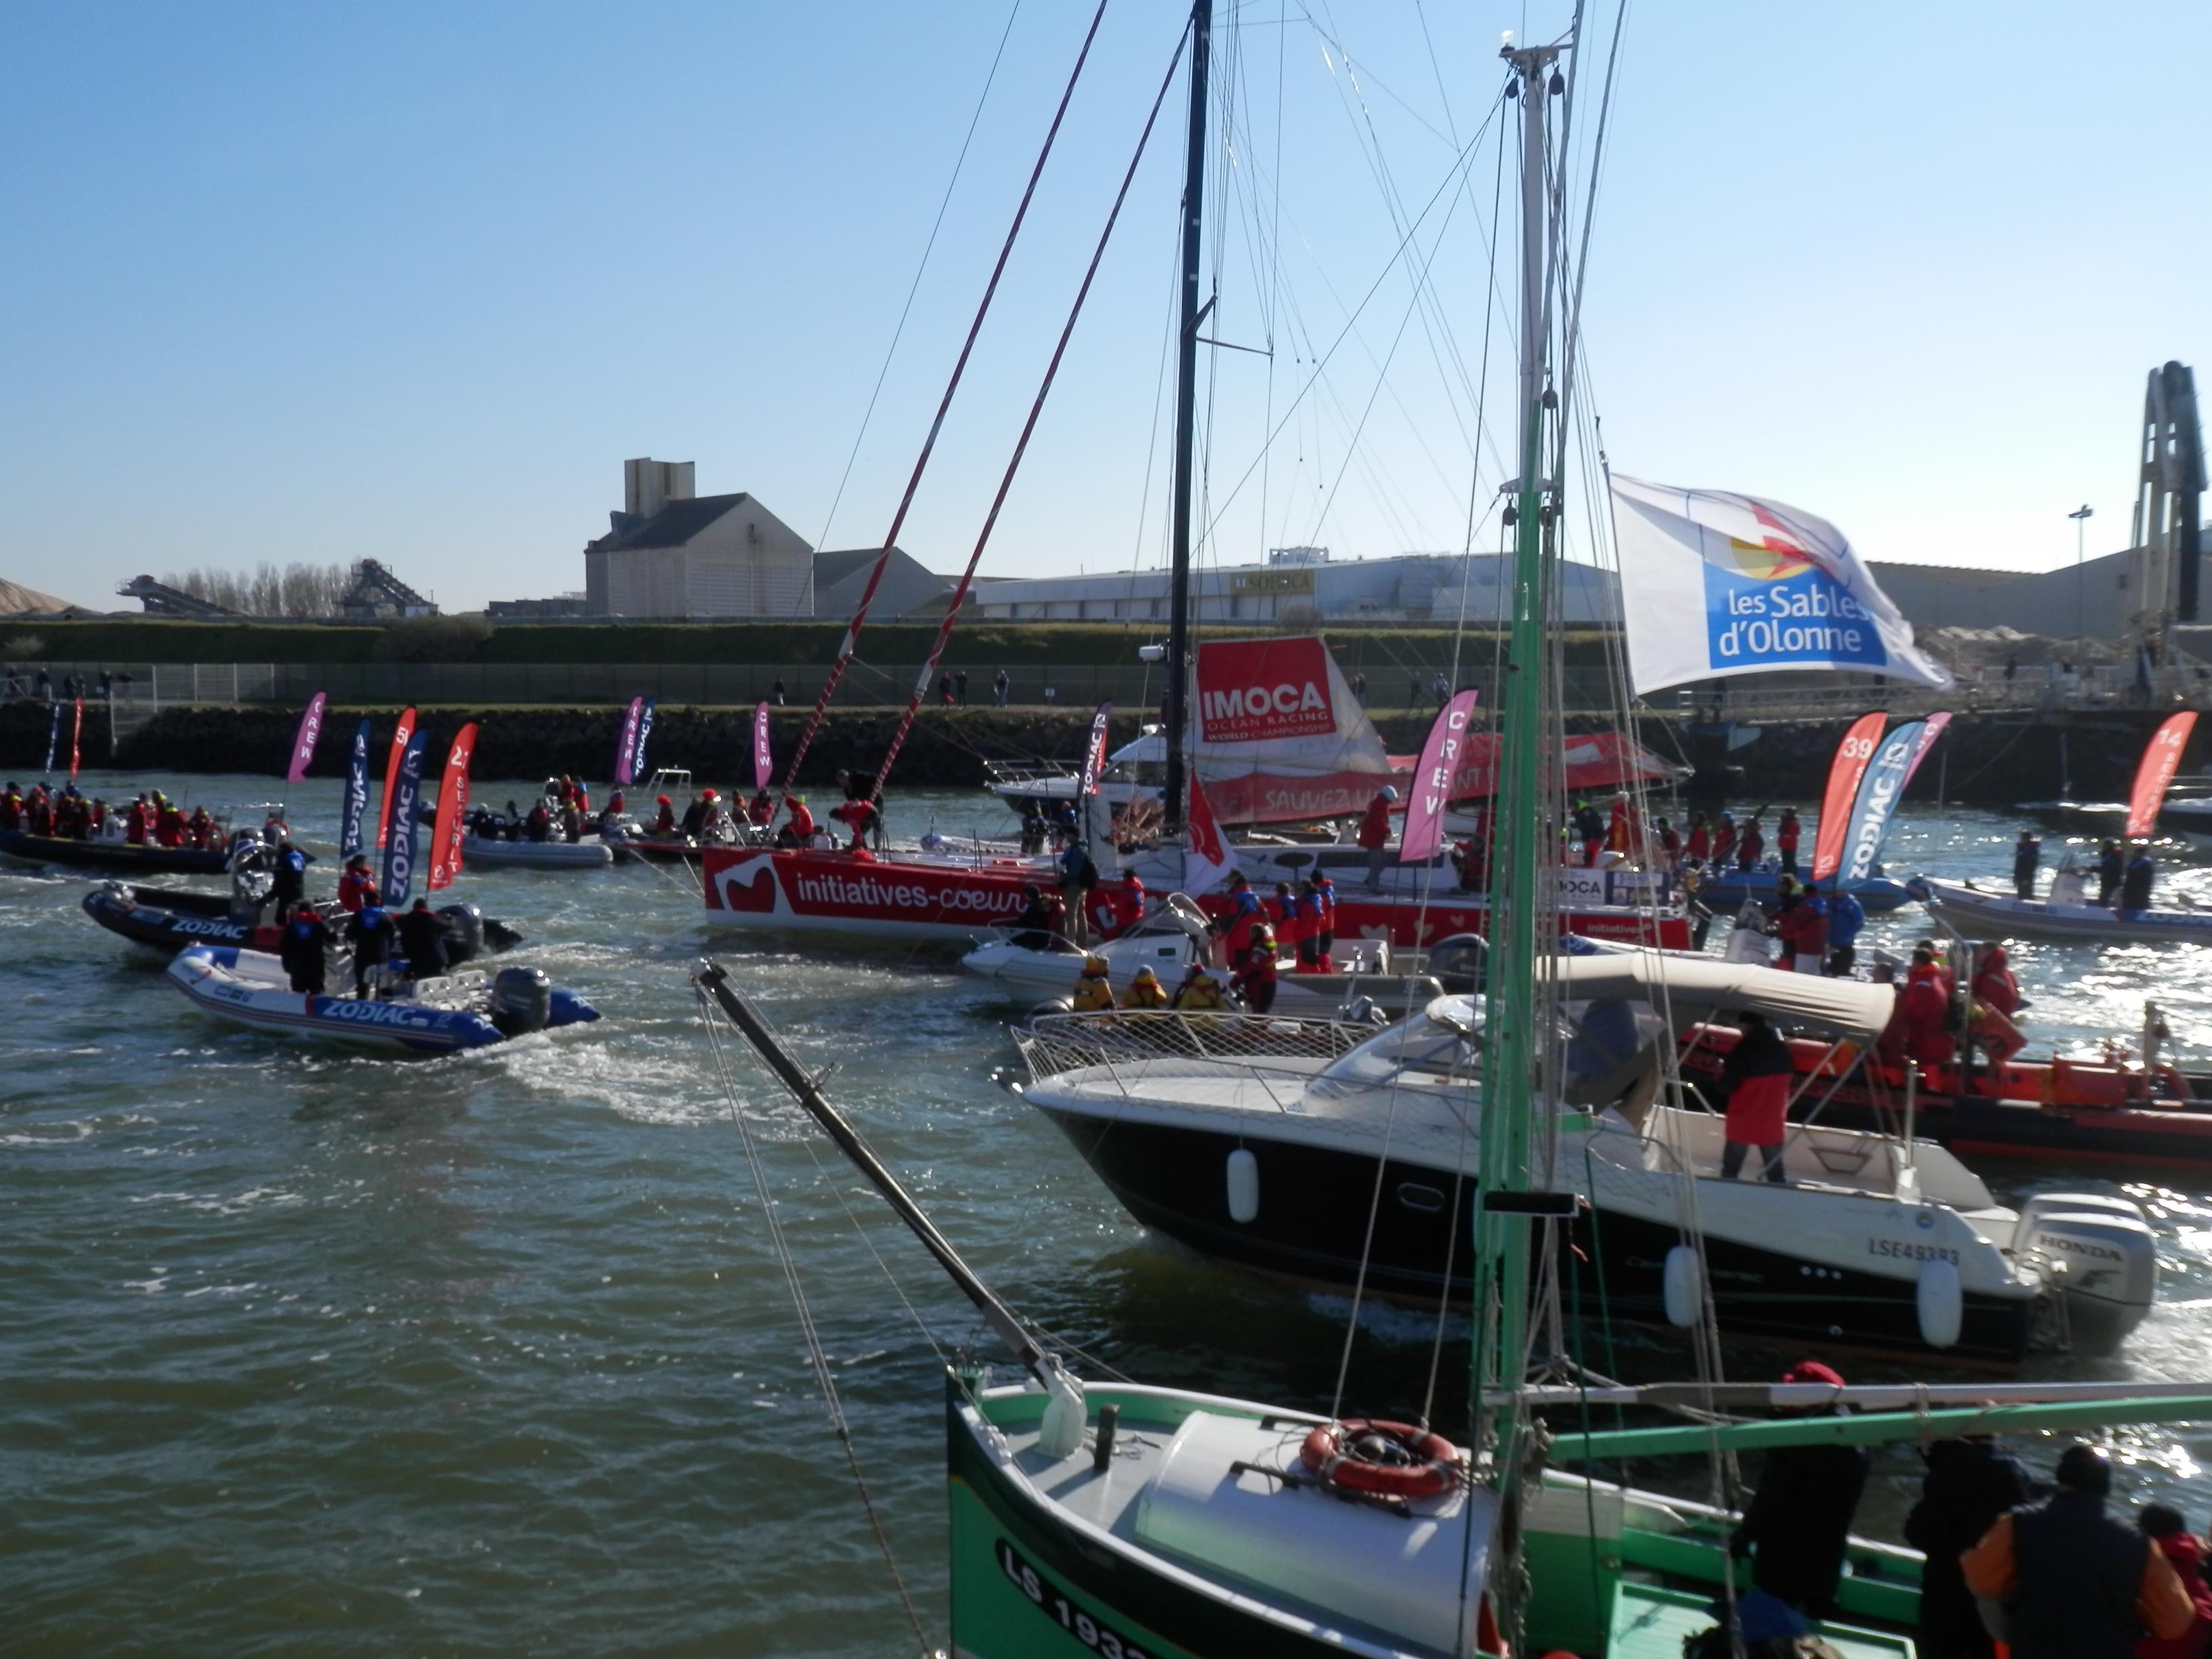 Vendée Globe Challenge : arrivée de l'Imoca d'Initiatives-coeur de Tanguy de Lamotte, dans le chenal du port des Sables d'Olonne, Vendée, côte atlantique